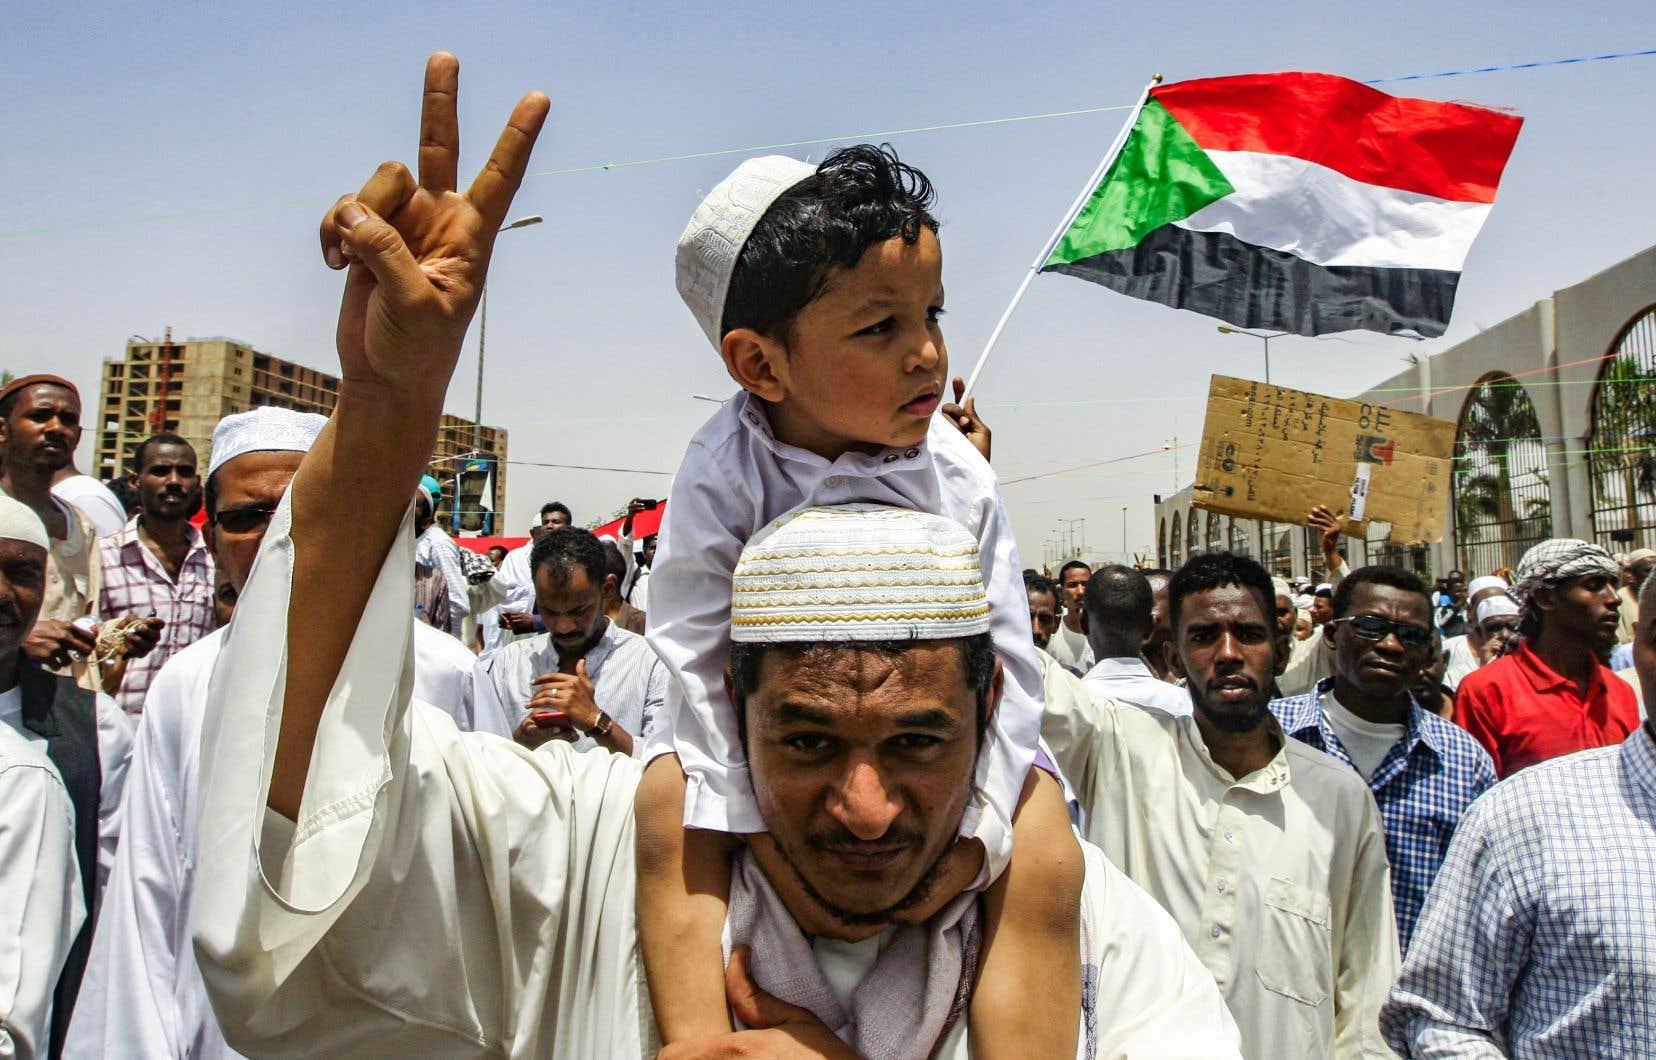 Un manifestant lance le geste de victoire alors qu'il marchait avec d'autres au cours d'un rassemblement devant le siège de l'armée à Khartoum, la capitale soudanaise, le 12 avril 2019.